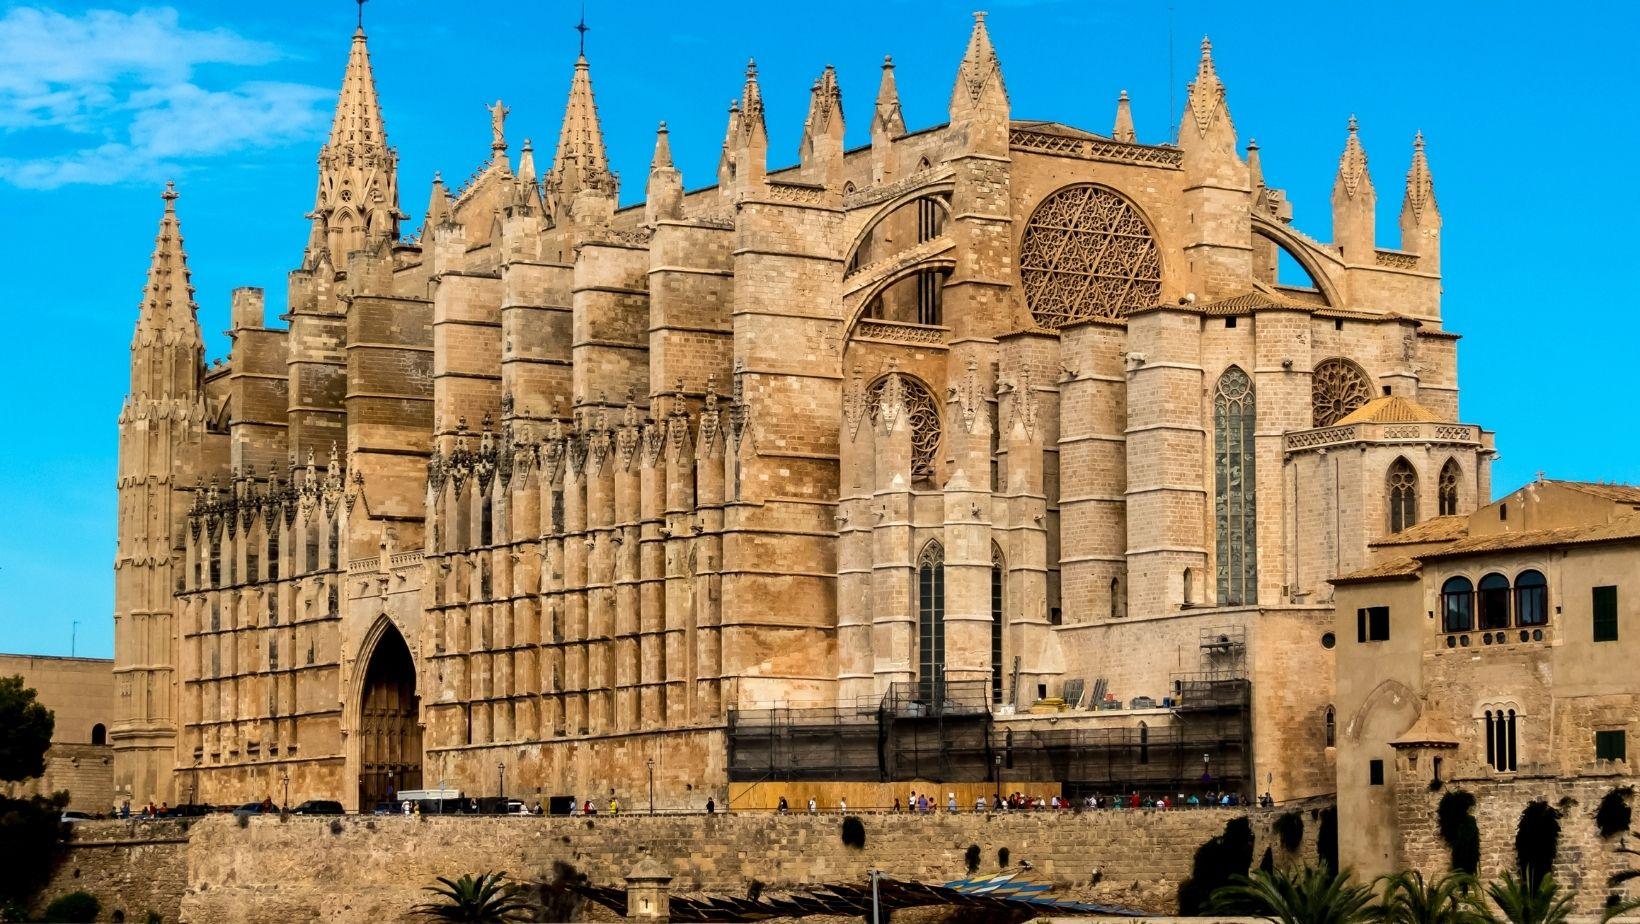 Die wichtigsten Sehenswürdigkeiten auf Mallorca